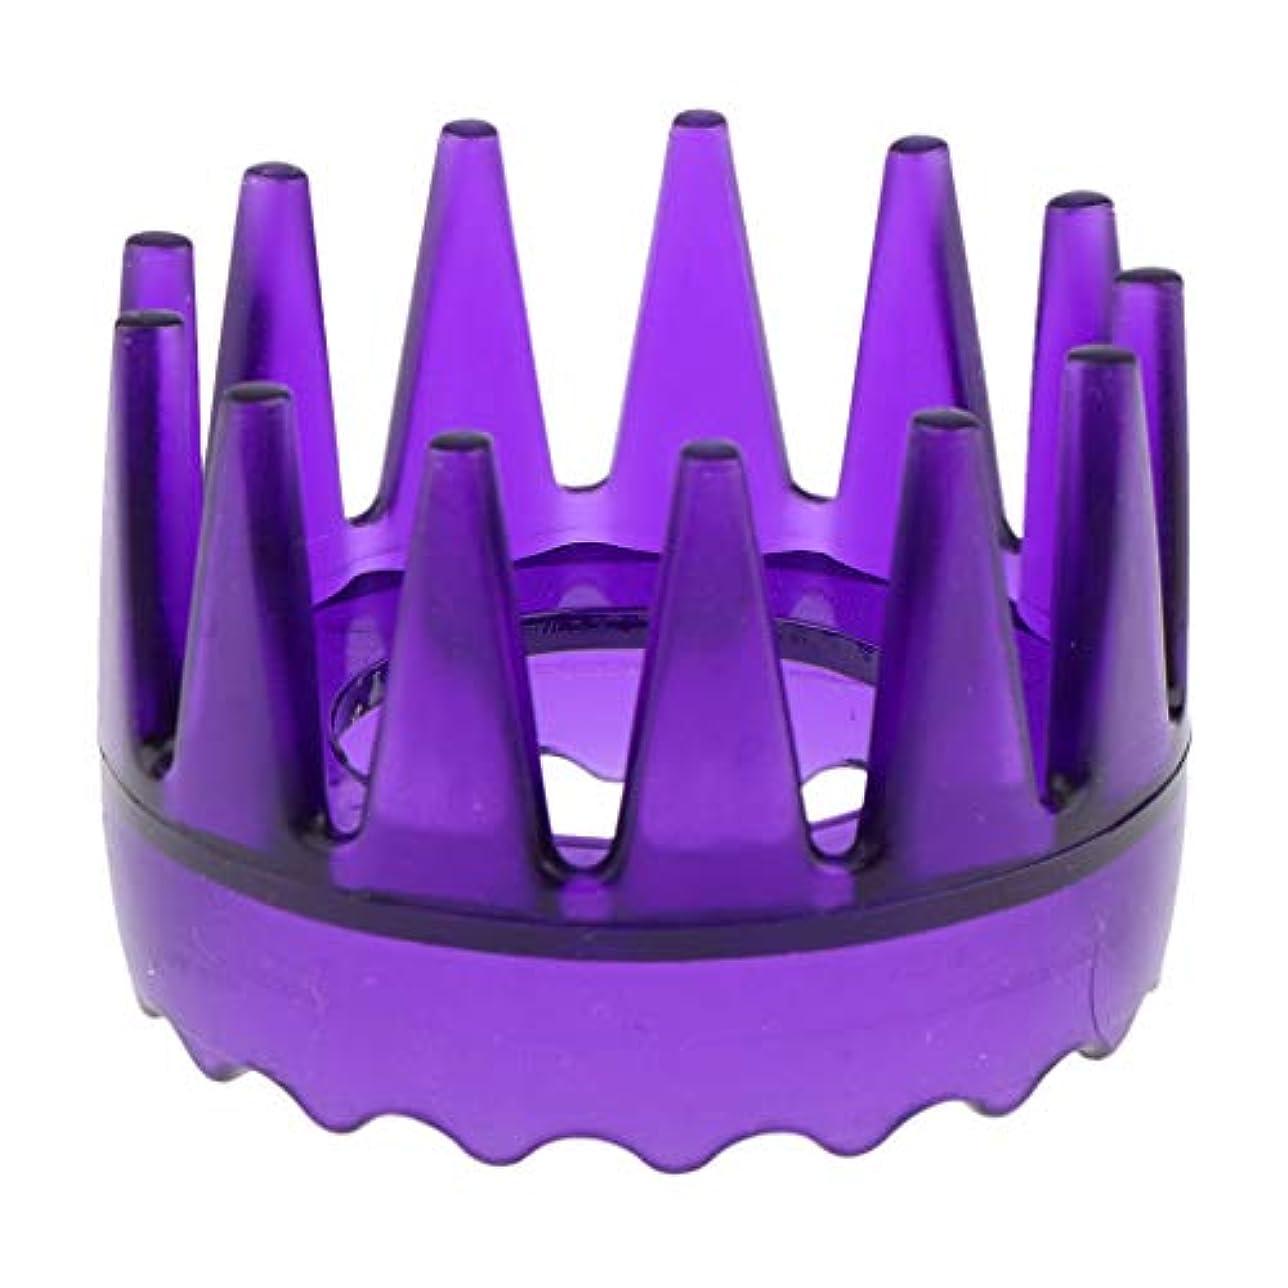 ディスク混合モニカT TOOYFUL 頭皮マッサージブラシ ヘアブラシ ヘアコーム ヘアケア シャワー 洗髪櫛 滑り止め 全4色 - 紫